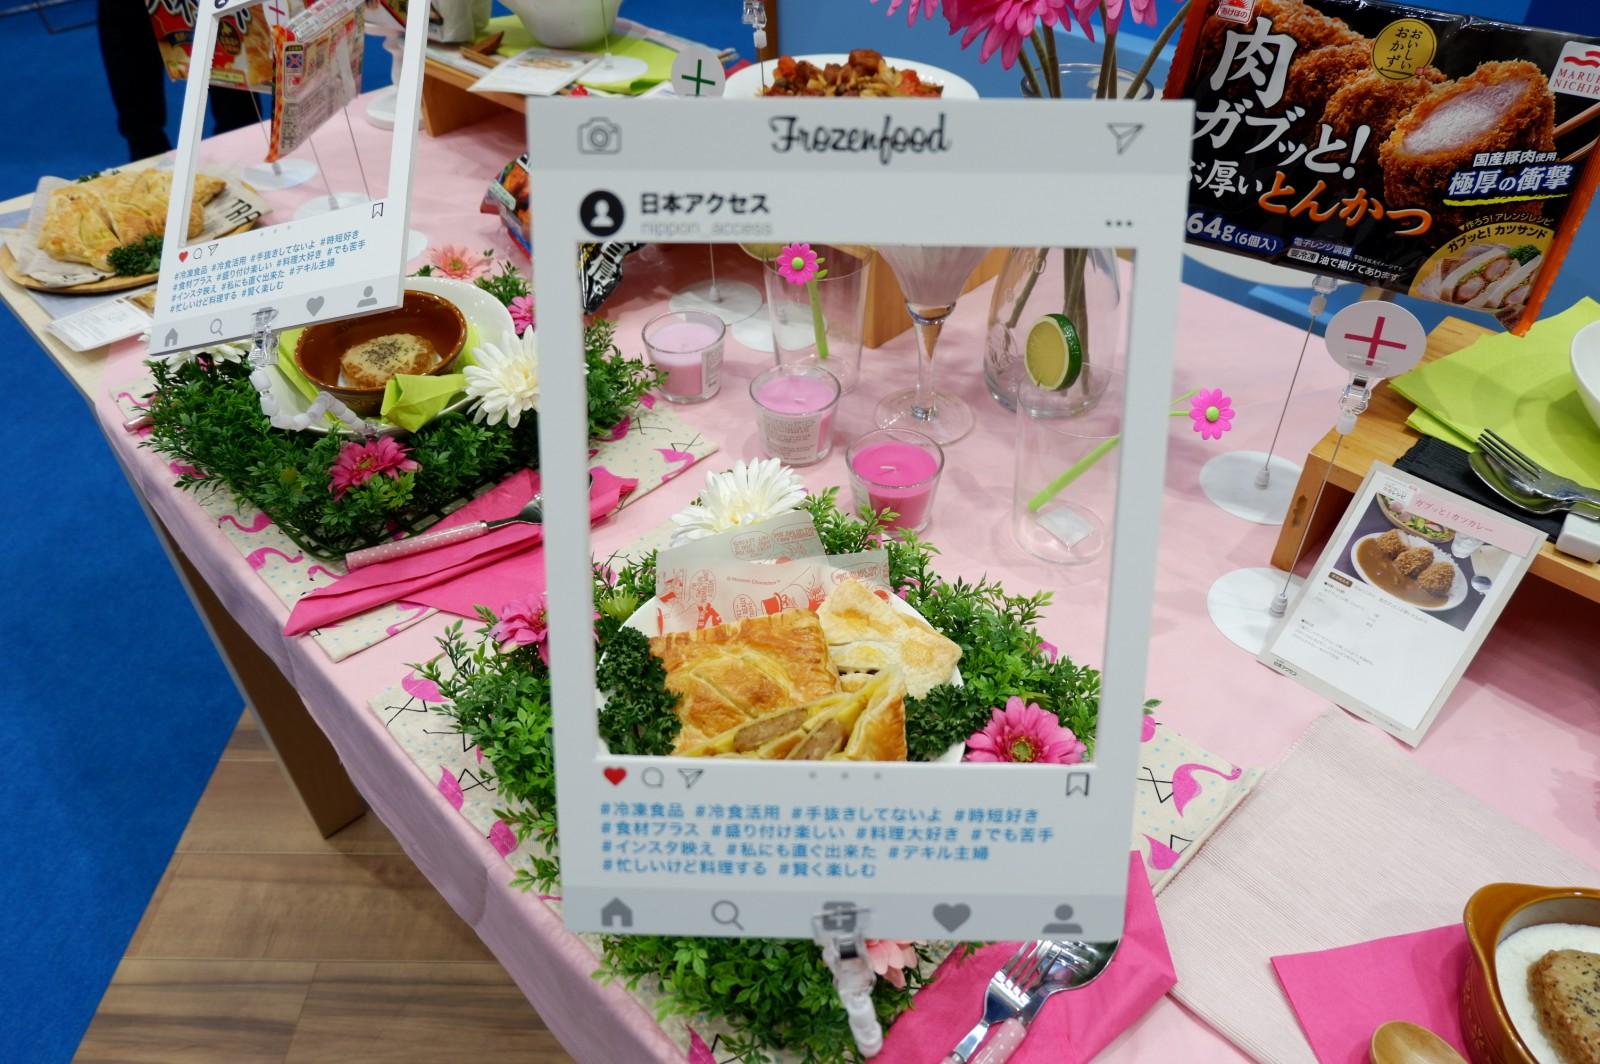 #冷食活用 冷凍食品を素材にメニュー提案(日本アクセス)